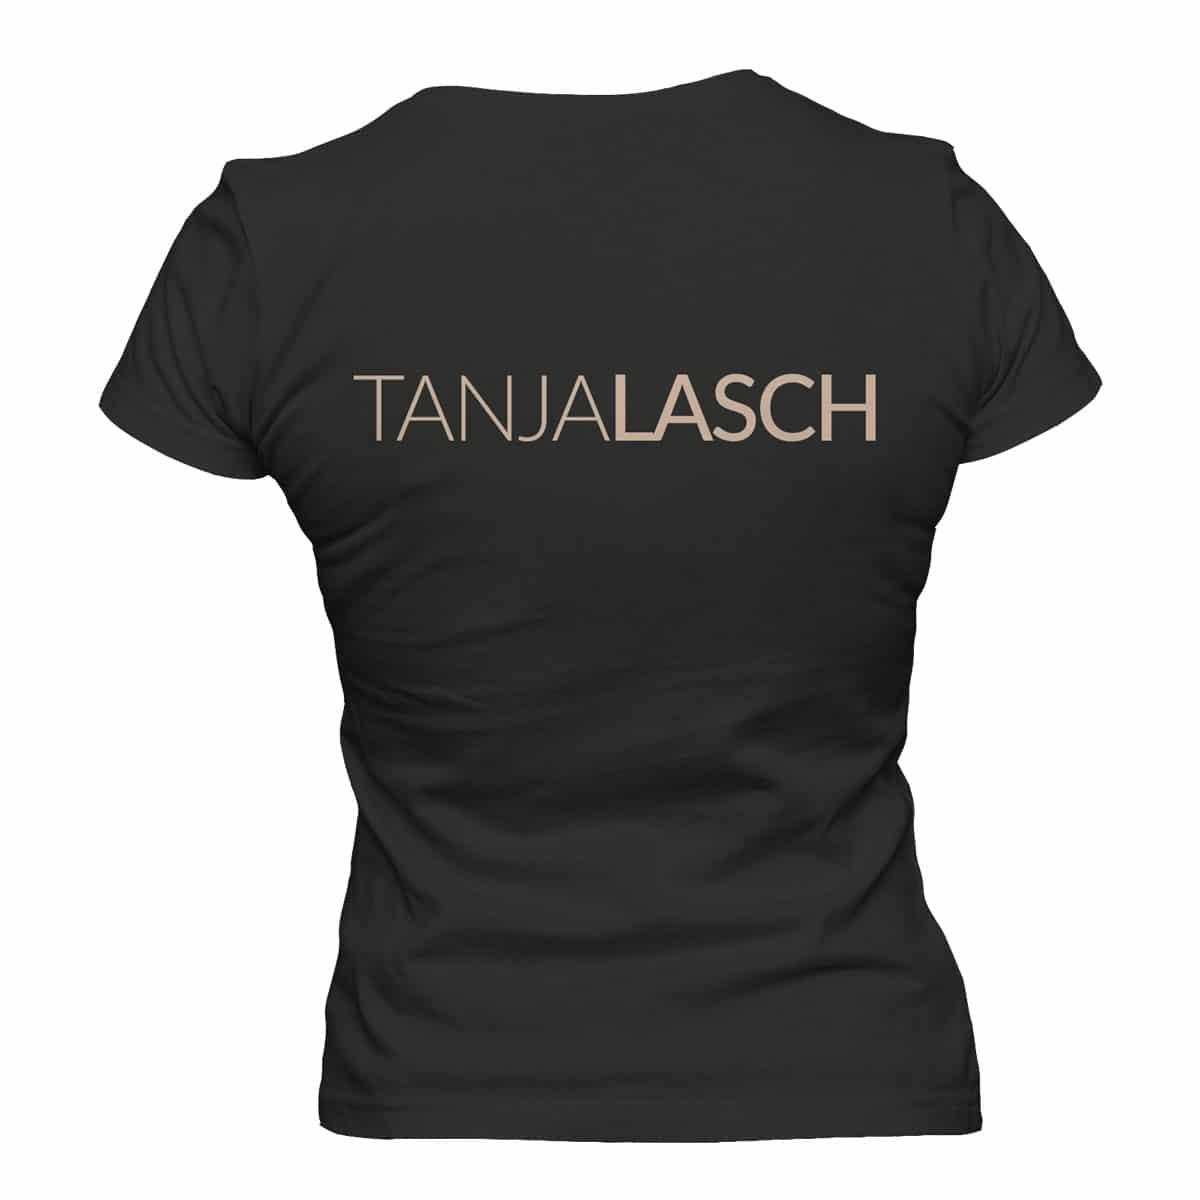 Tanja Lasch Herzkino TShirt schwarz Damen